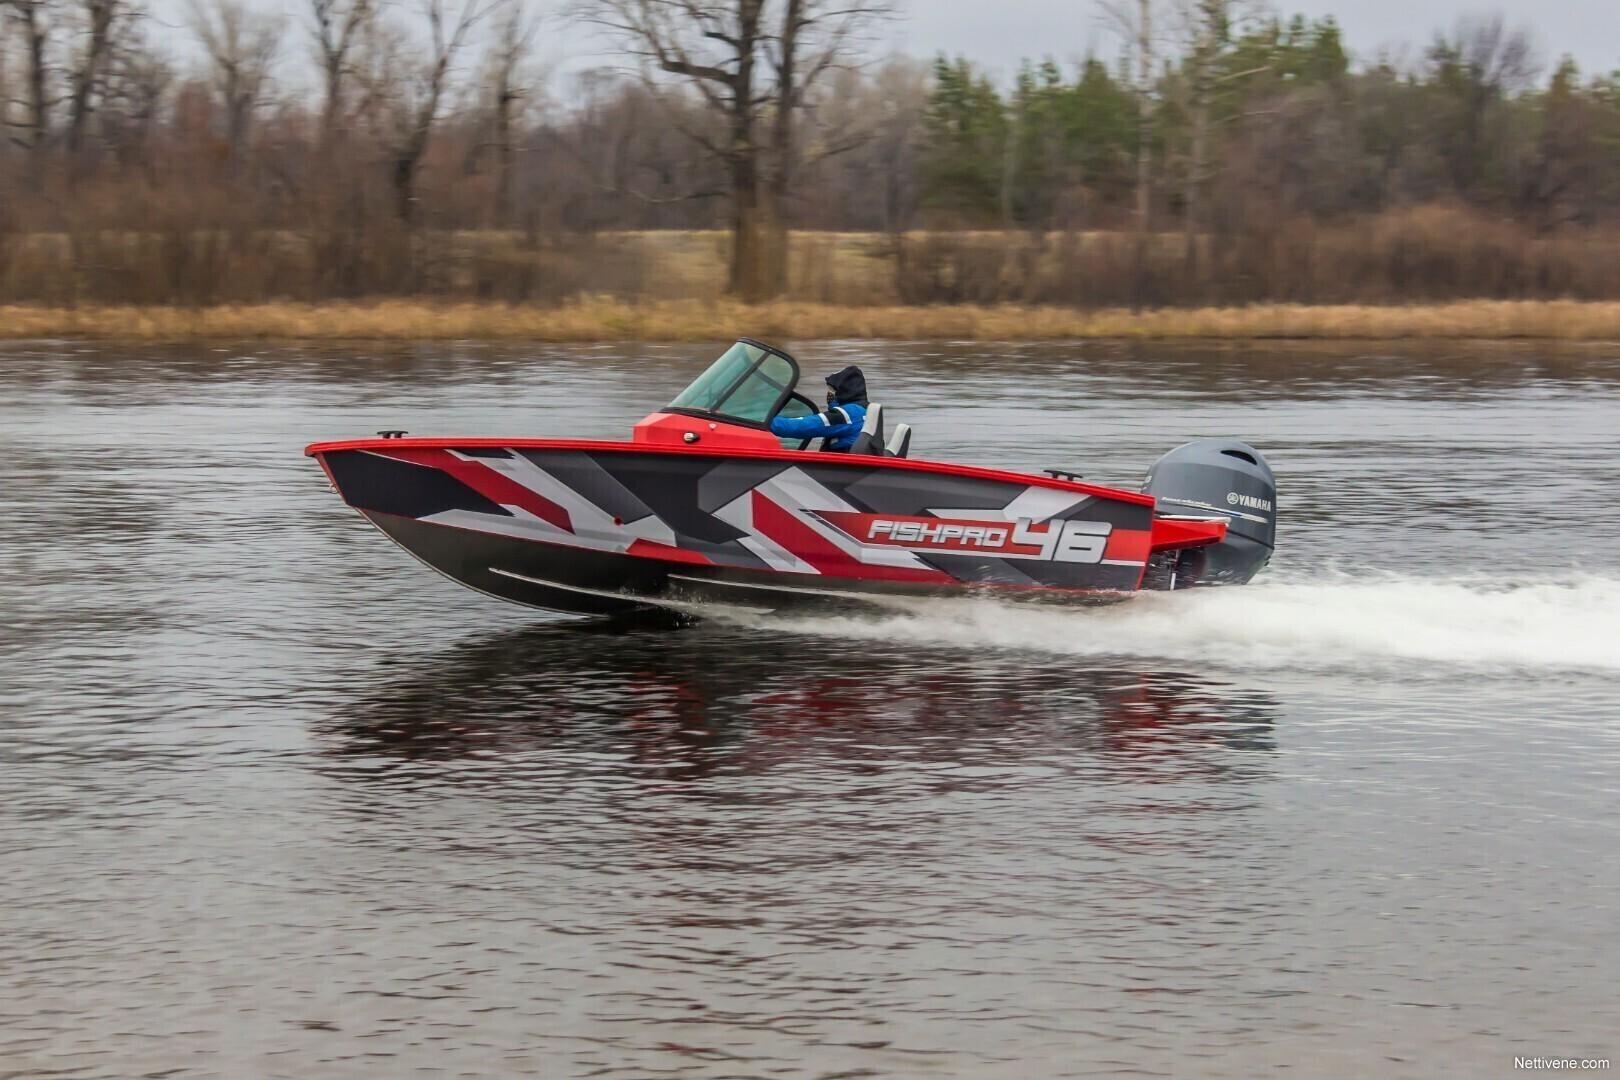 Fish Pro 46 + F80 UUTUUS